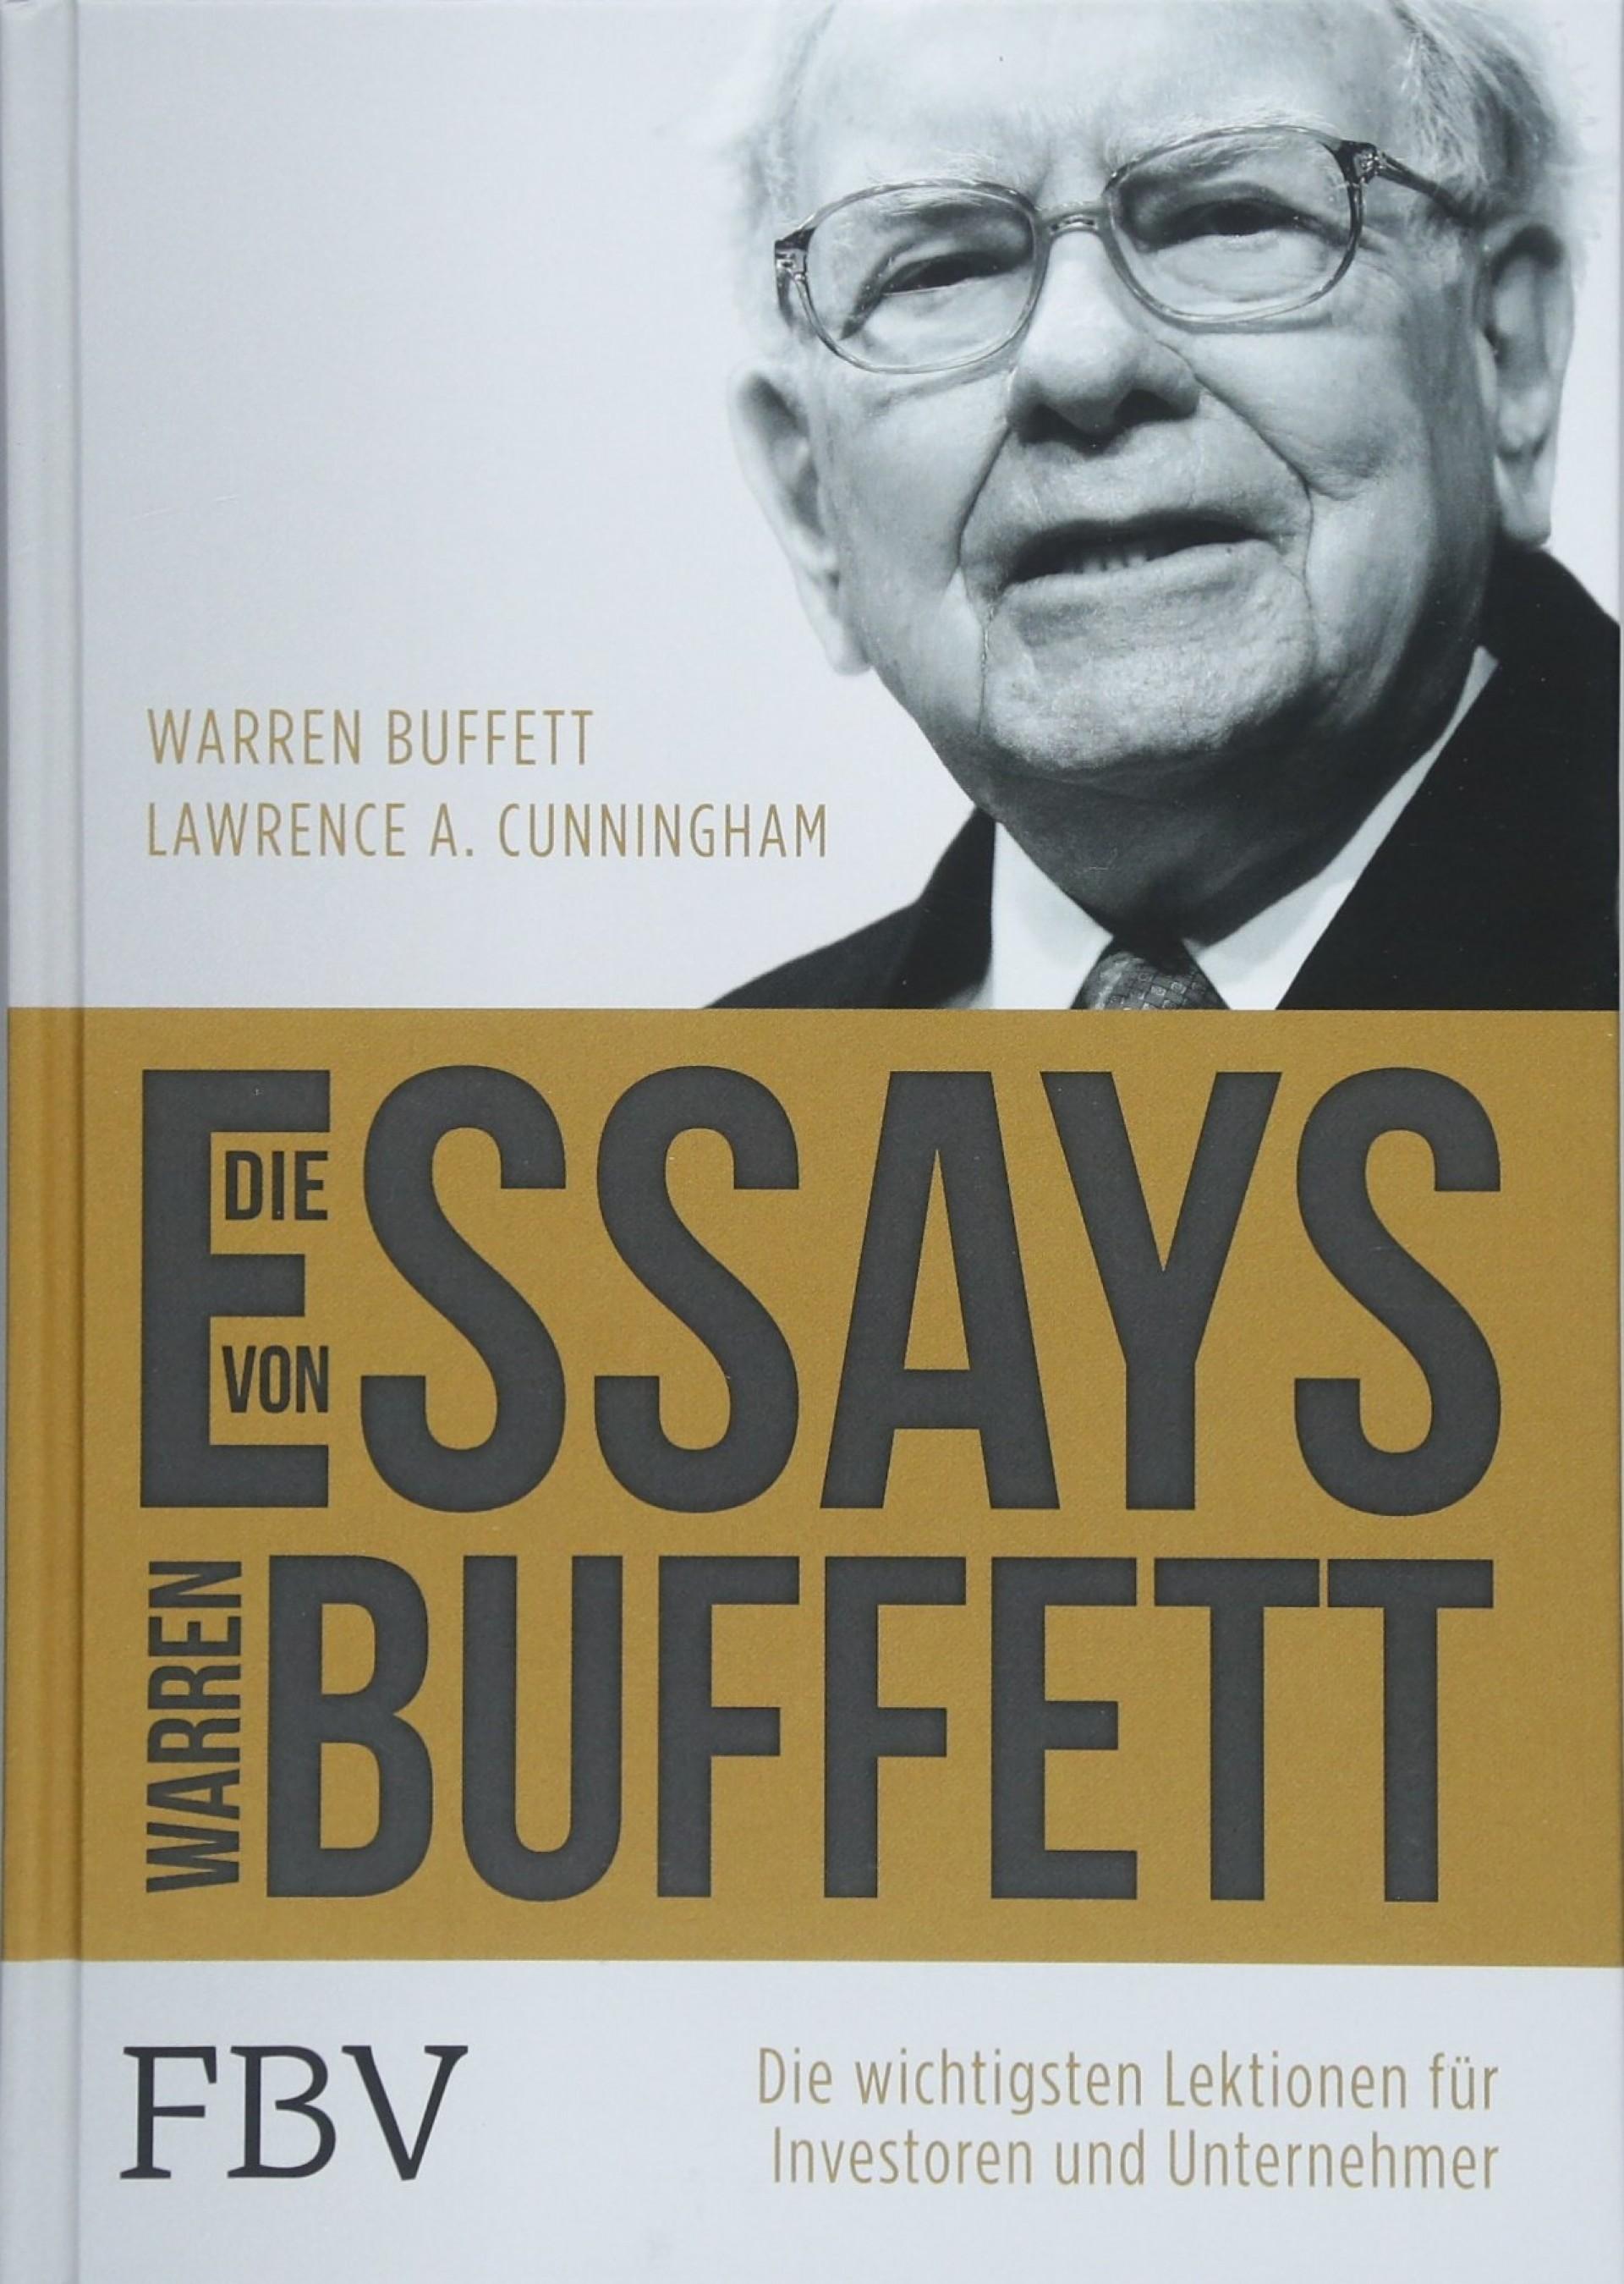 001 Essay Example 81hgobz2bc1l Die Essays Von Warren Archaicawful Buffett Das Buch Für Investoren Pdf Und Unternehmer 1920